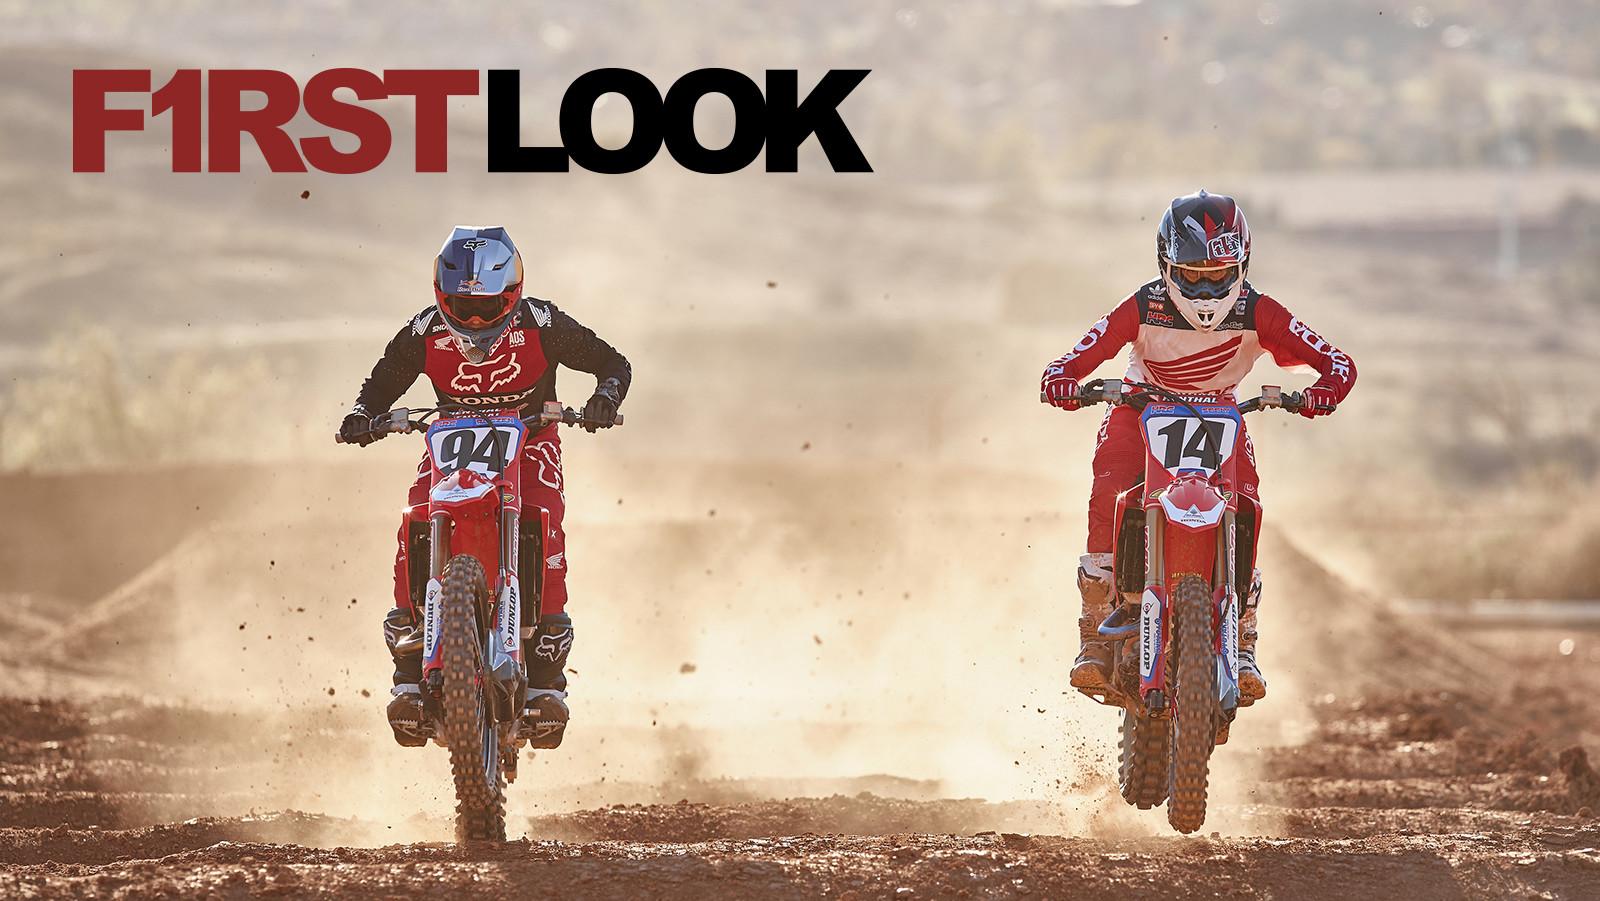 First Look: 2019 Team Honda HRC - Ken Roczen and Cole Seely